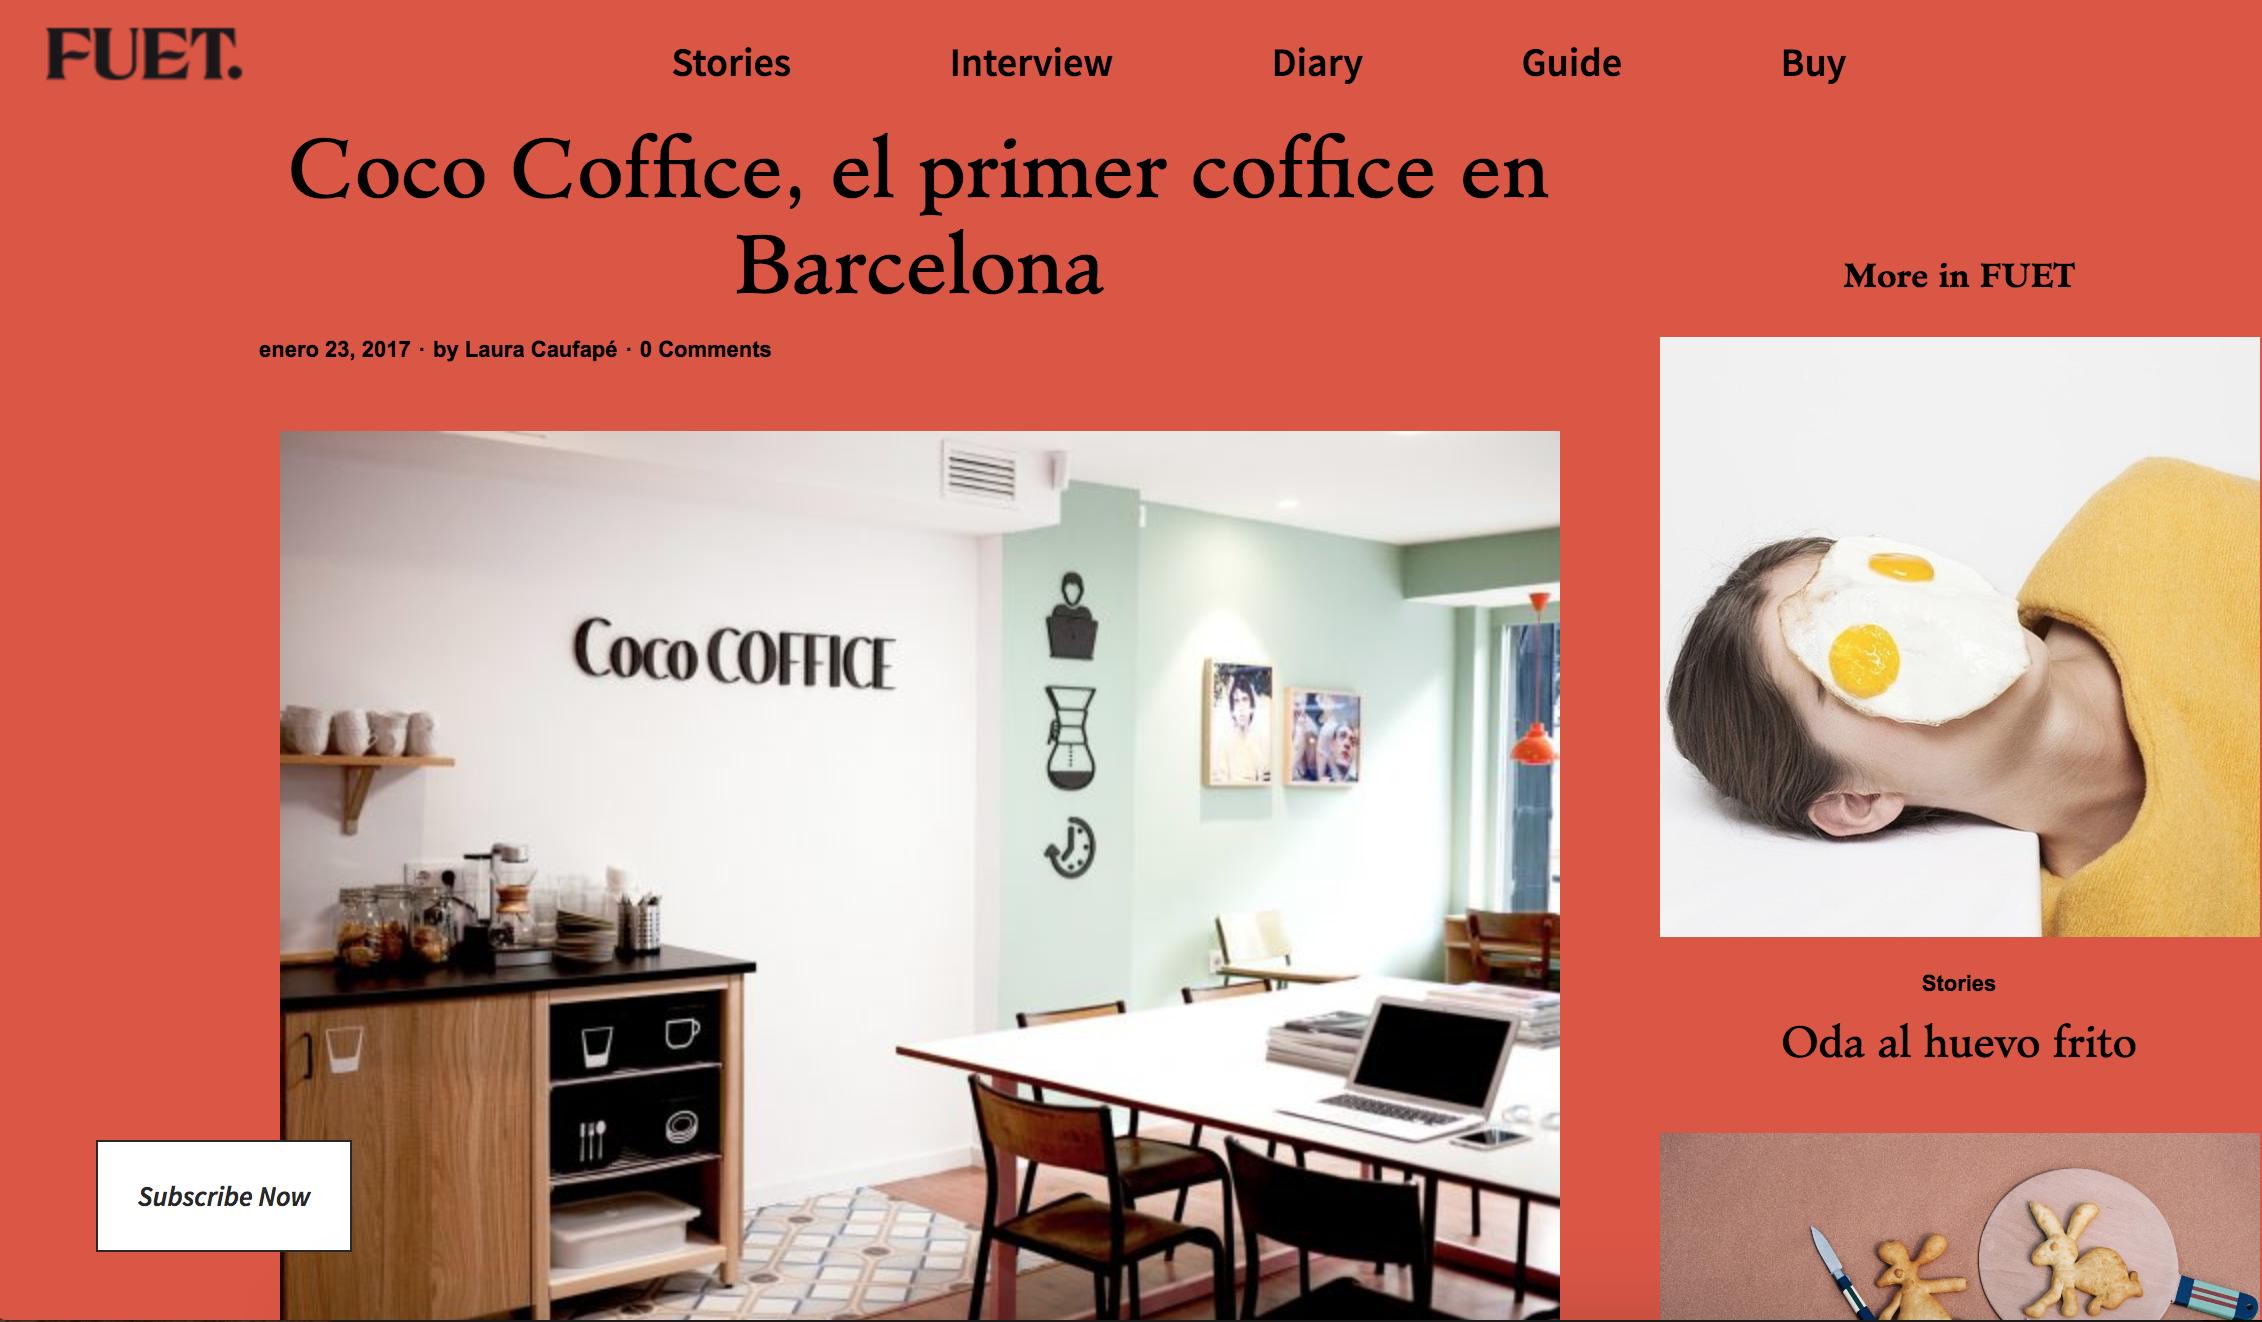 Coco Coffice, el primer coffice en Barcelona